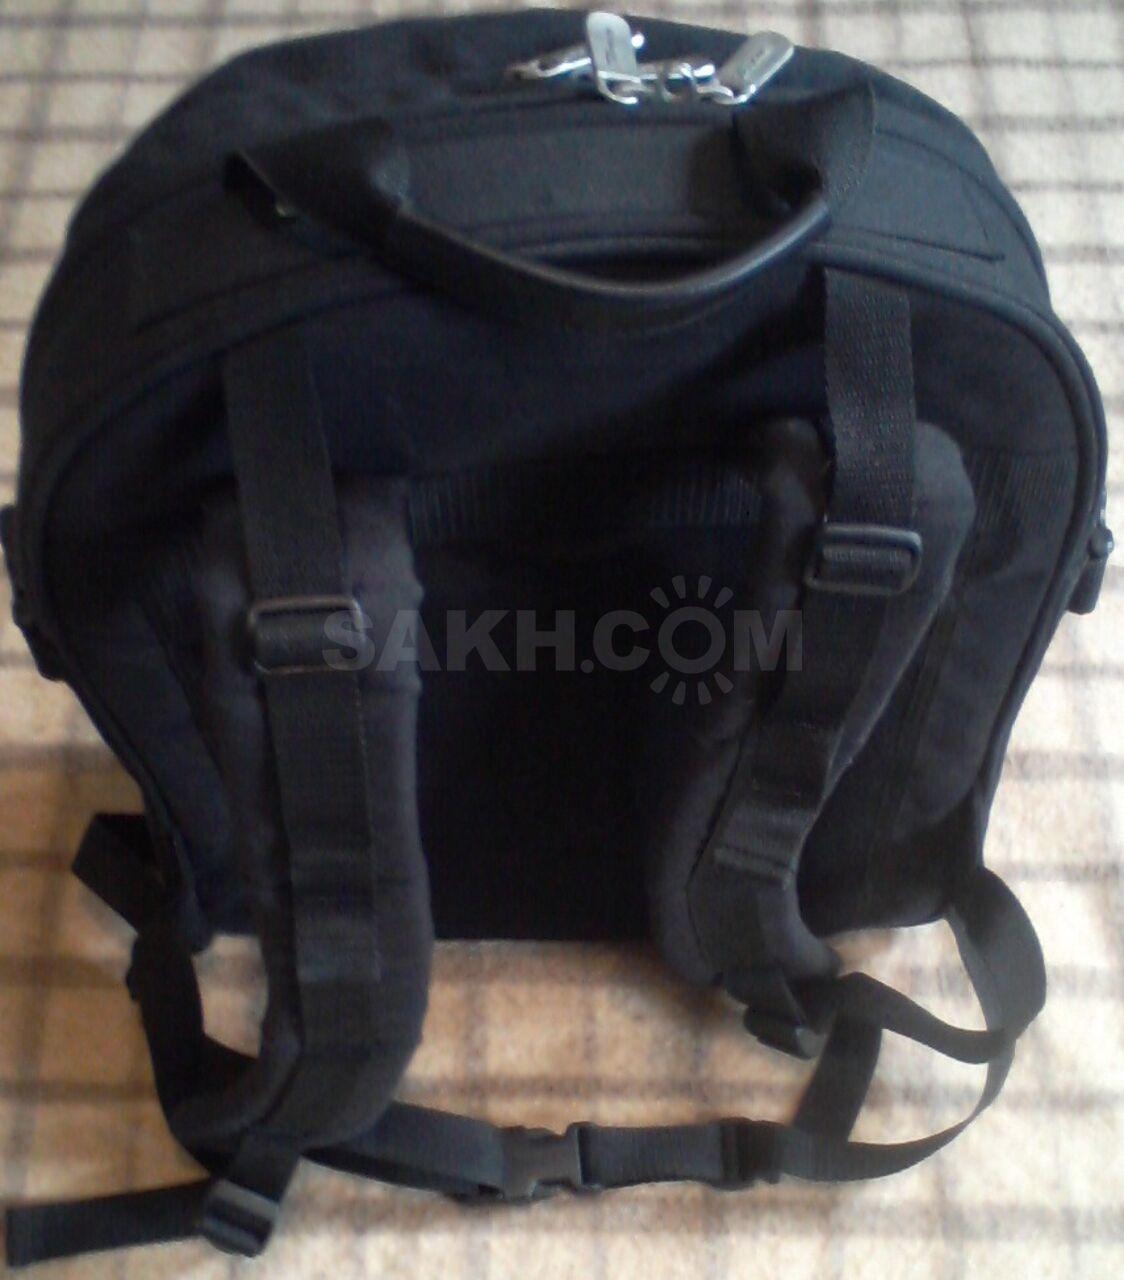 754b4f99bddd Очень удобный крепкий Американский школьный рюкзак.Удобные внутренние  отделения для принадлежностей. Новый.Продам не дорого.